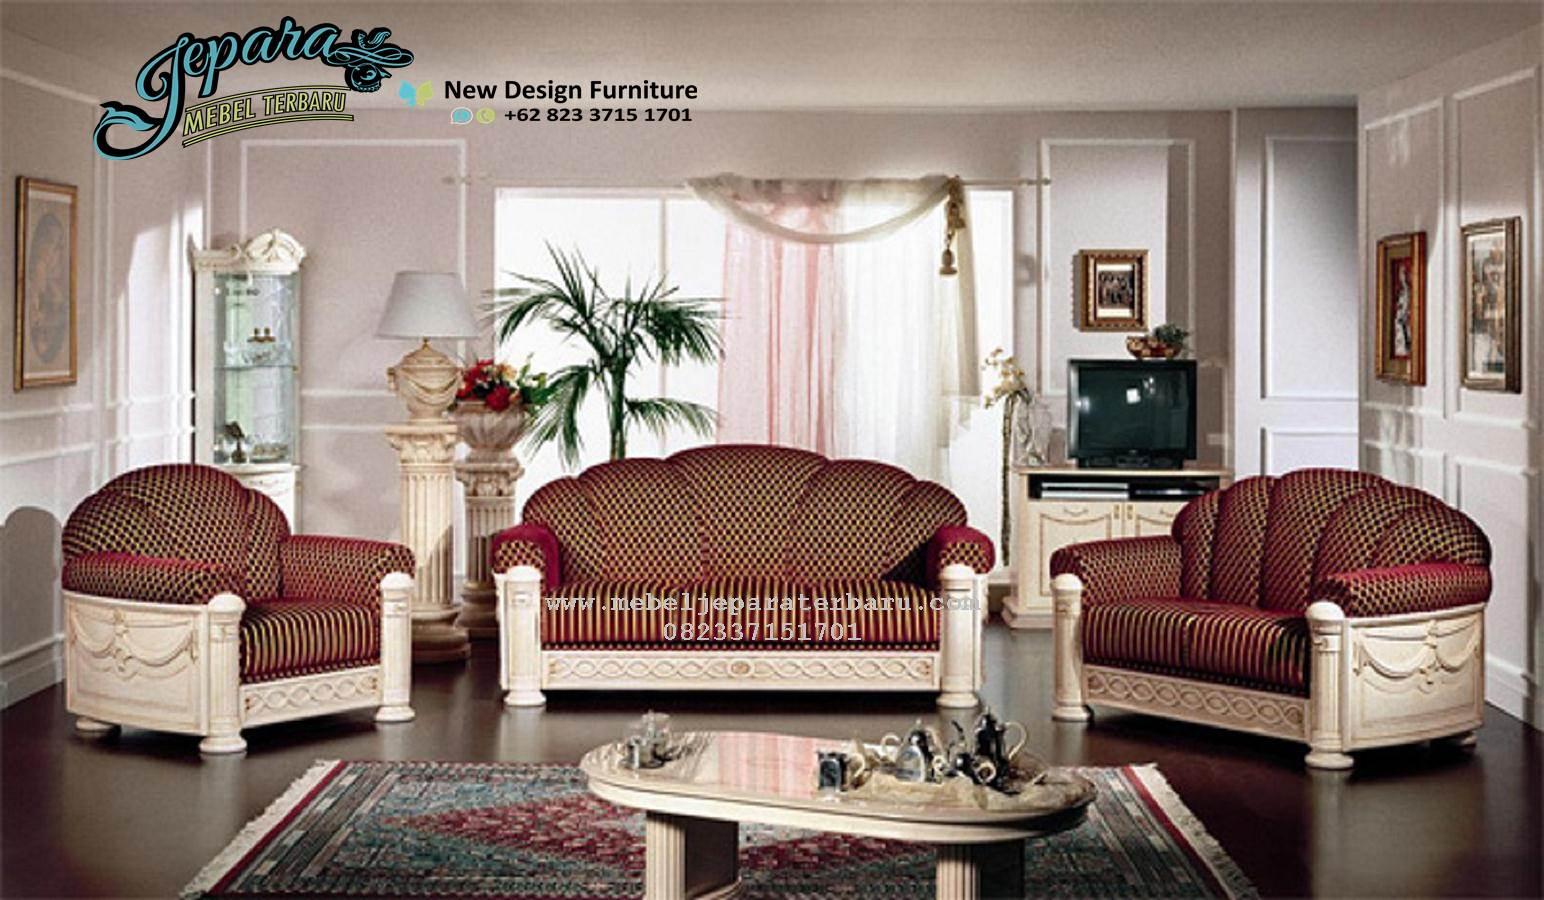 Set Kursi Sofa Tamu Minimalis Modern Murah Terbaru 2017 SST-085, 1 Set Sofa Tamu, Gambar Mebel Ukiran, Gambar Sofa Ruang Tamu Terbaru, Harga Kursi Ruang Tamu Modern, Harga Sofa Tamu Ukiran, Jual Furniture Sofa Tamu, Kursi Klasik Modern, Kursi Sofa Tamu Ukiran Modern Klasik Terbaru, Kursi Sofa Tamu Modern Klasik Jepara Ukiran, Kursi Tamu Ukiran, Kursi Tamu Modern, Model Sofa Modern Terbaru, Set Sofa Tamu Klasik, Sofa Jati Modern, Sofa Jati Minimalis, Sofa Ukiran Minimalis, Sofa Ukiran Mewah, Sofa Ukiran Terbaru, Sofa Klasik Modern, Sofa Tamu Klasik, Sofa Tamu Modern, Mebel Ukiran Terbaru, Mebel Ukiran, Furniture Jepara, Set Sofa Tamu, Set Sofa Tamu Modern, Set Sofa Tamu Minimalis